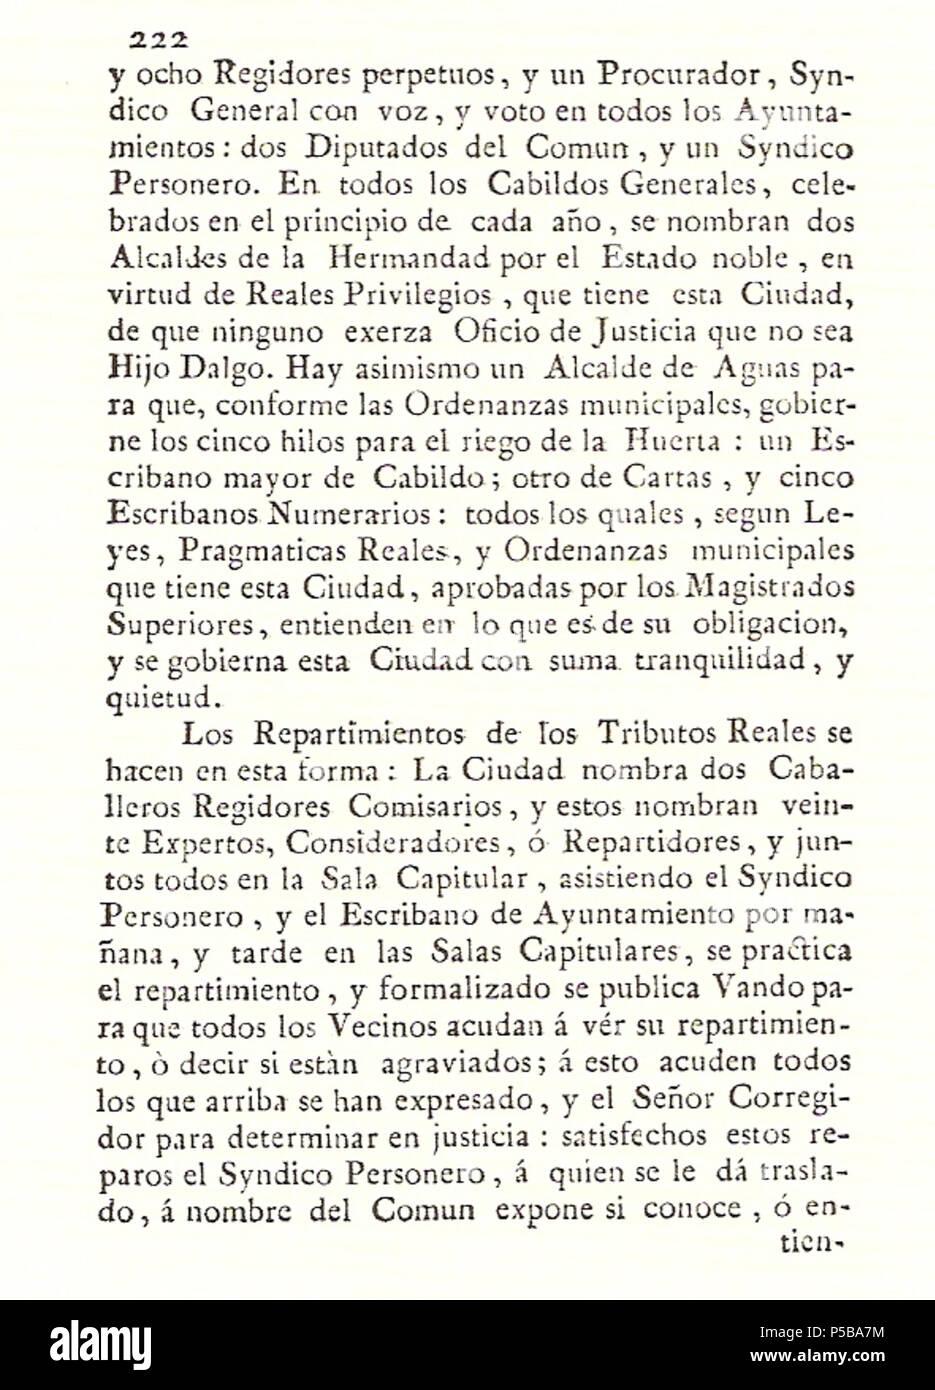 N/A. Español: Es un escaneo de la revista 'Correo General de España' que versa sobre Villena . 1771. Marino Nipho 382 Correo.1771-02-26--222 Stock Photo